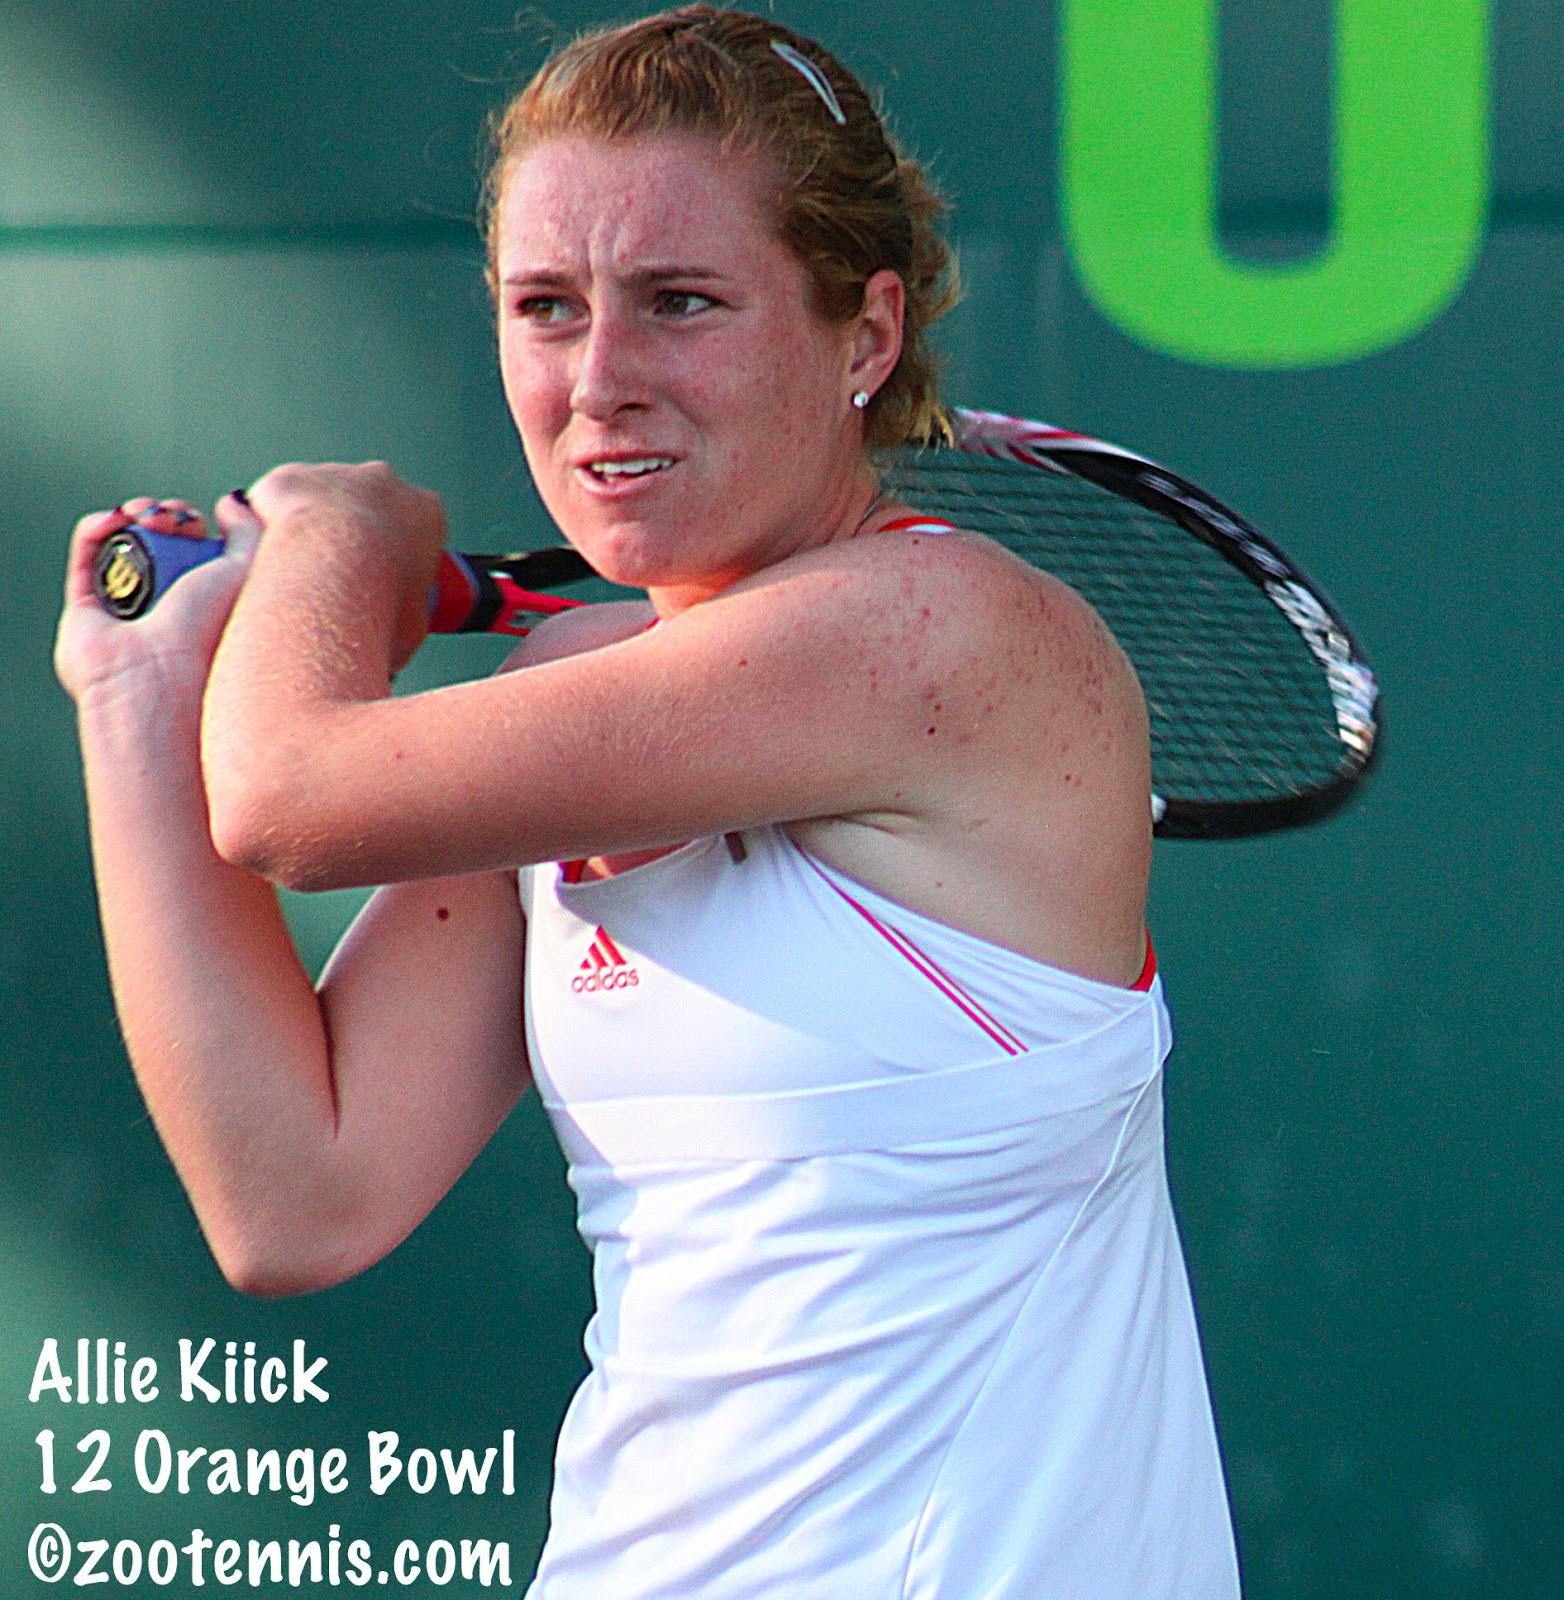 Allie Kiick